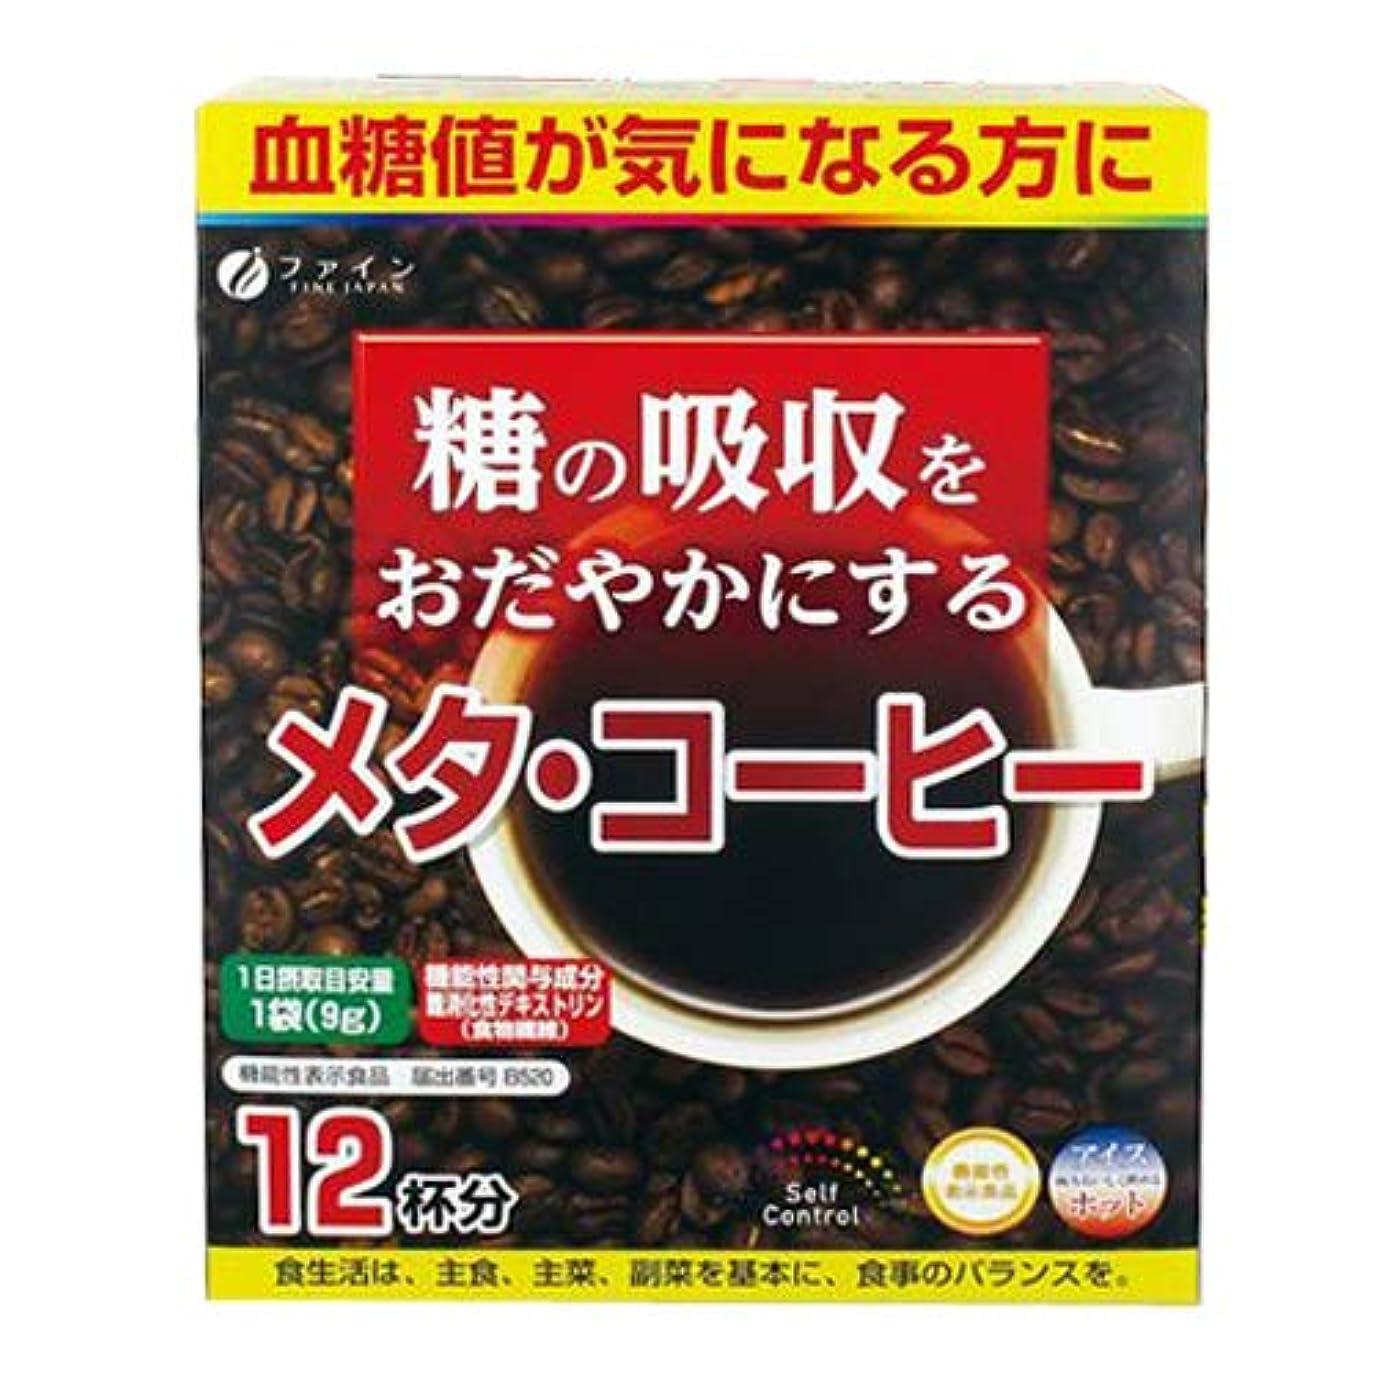 機能性表示食品 糖の吸収をおだやかにする メタ?コーヒー 【2箱組】